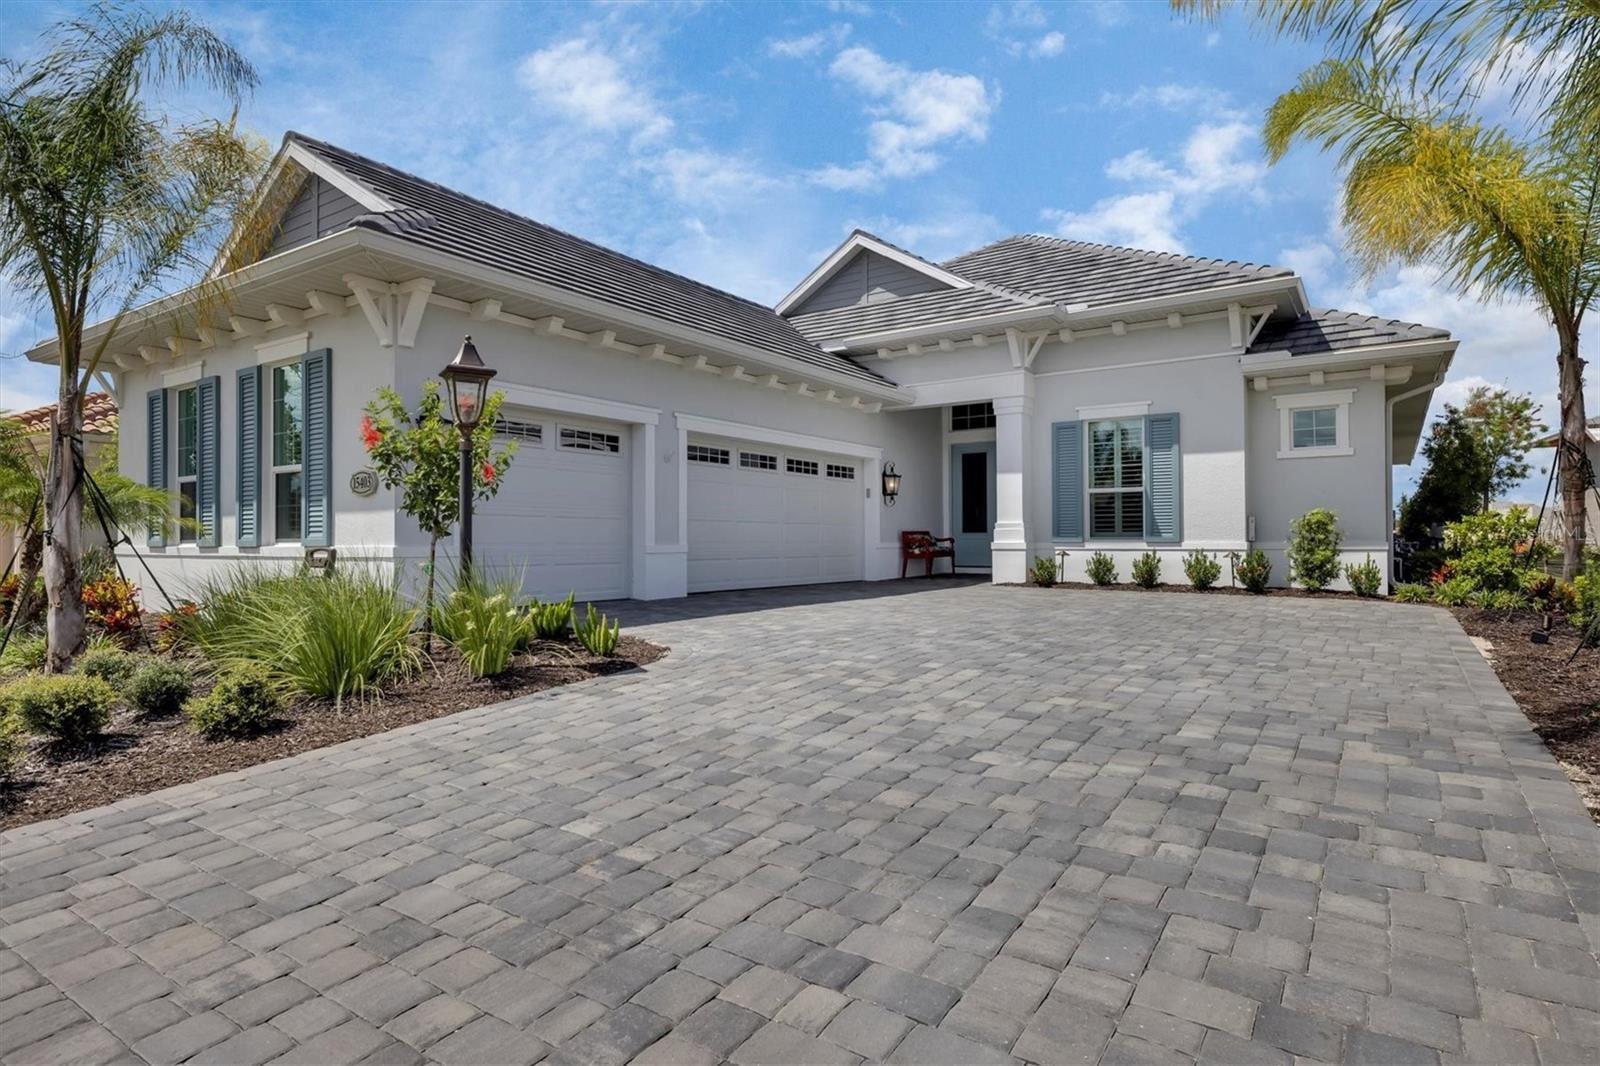 15403 CASTLE PARK TERRACE, Lakewood Ranch, FL 34202 - #: A4506990